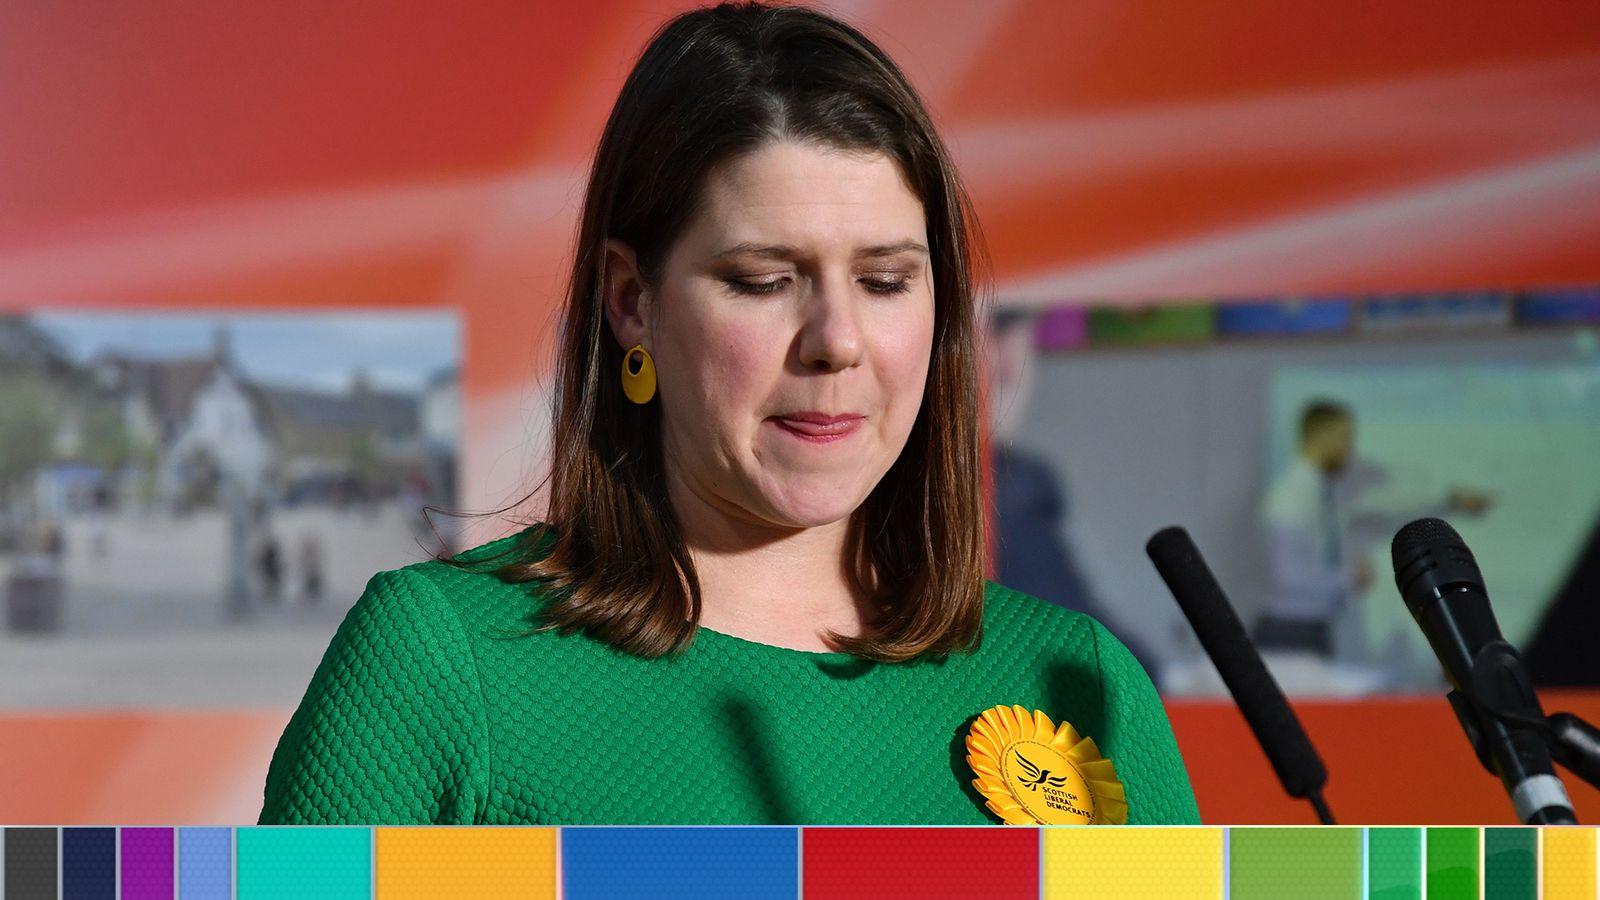 Liberal Democrat leader Jo Swinson loses seat to SNP